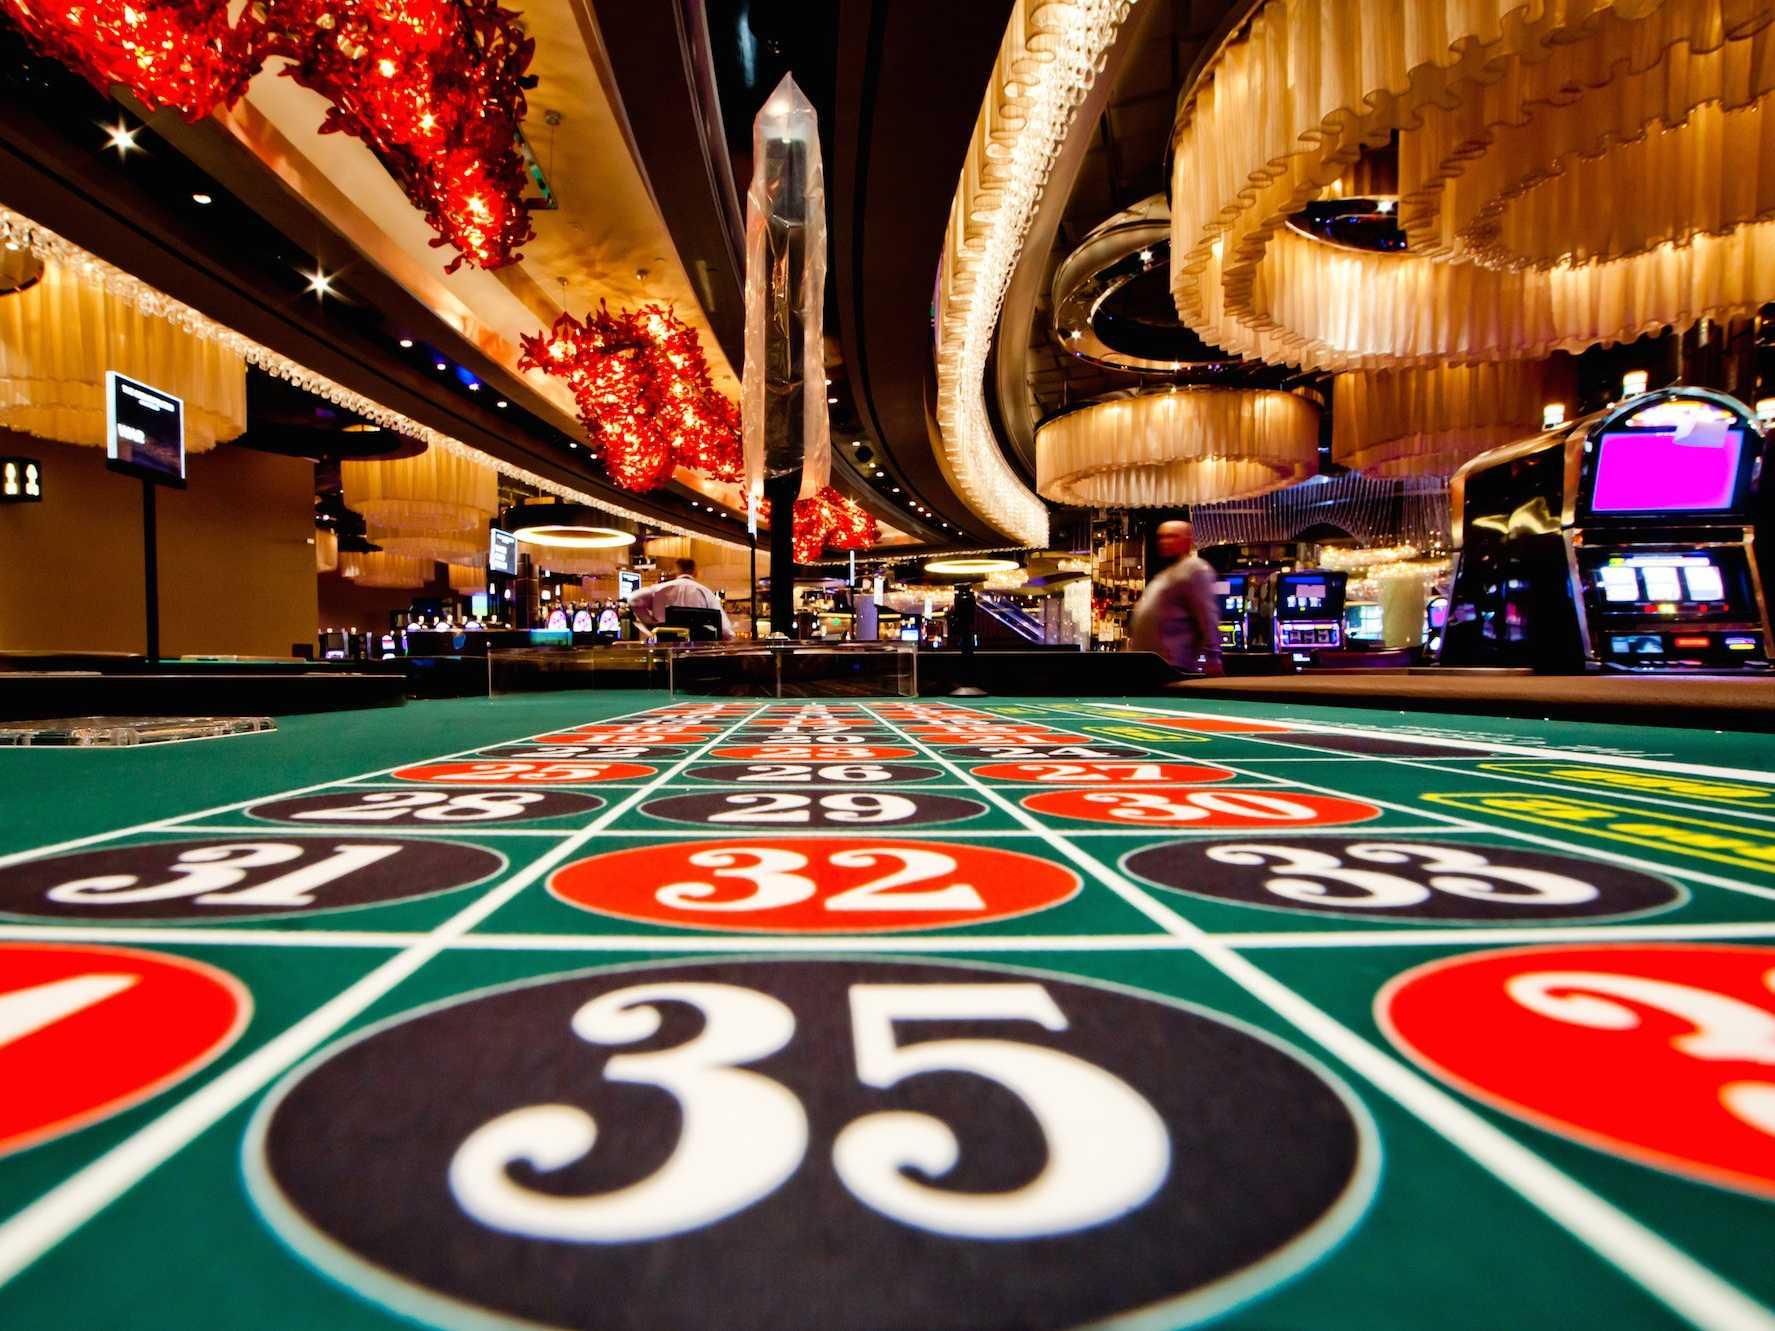 Jeux casino : plus de casinos en ligne pour plus de fun